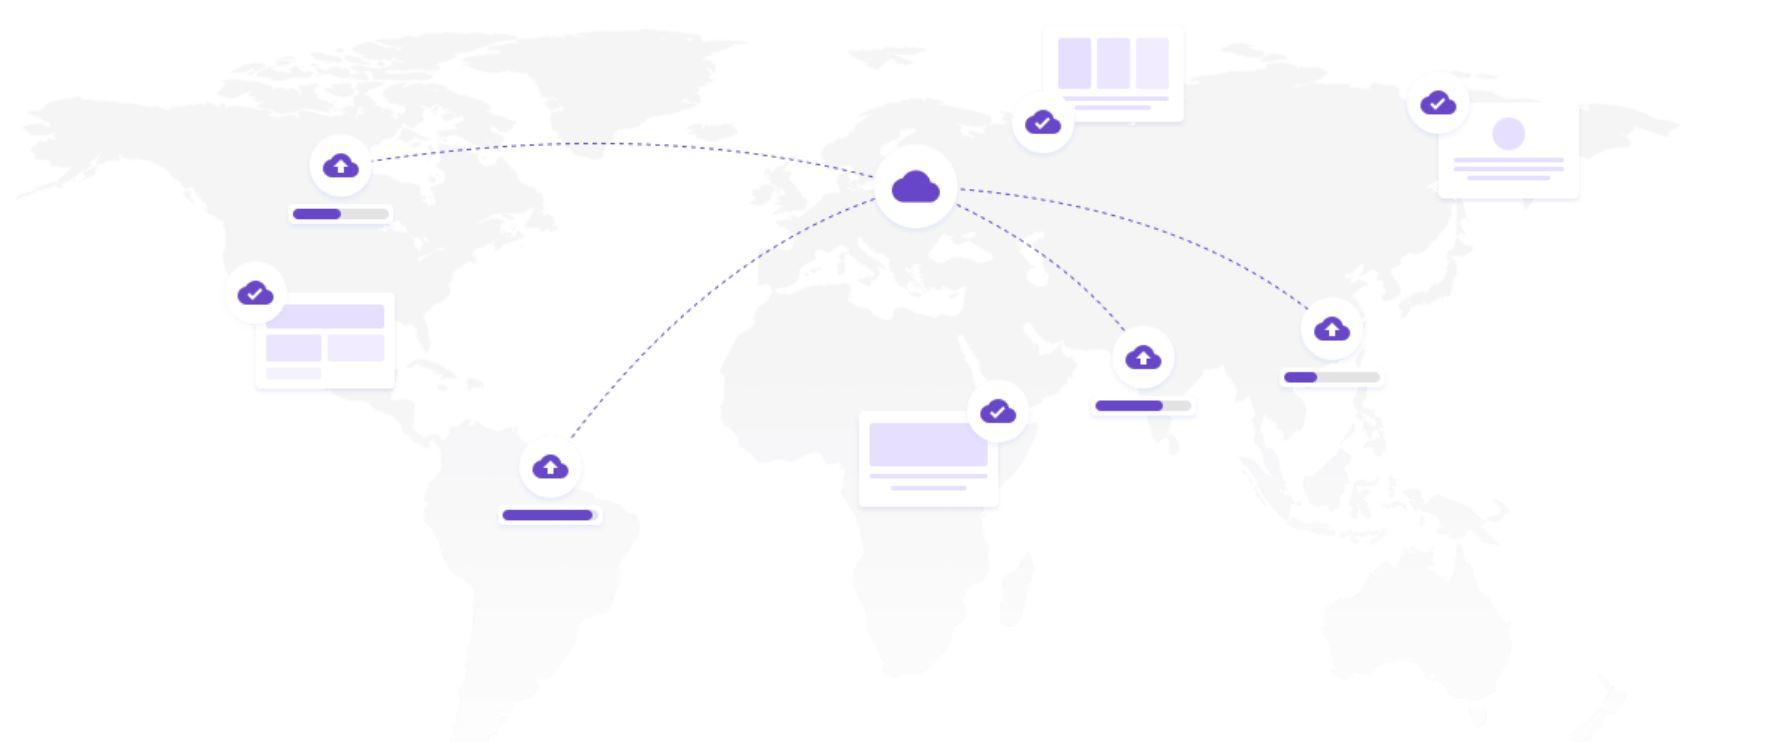 un hosting es el servicio adecuado para alojar tu página web.